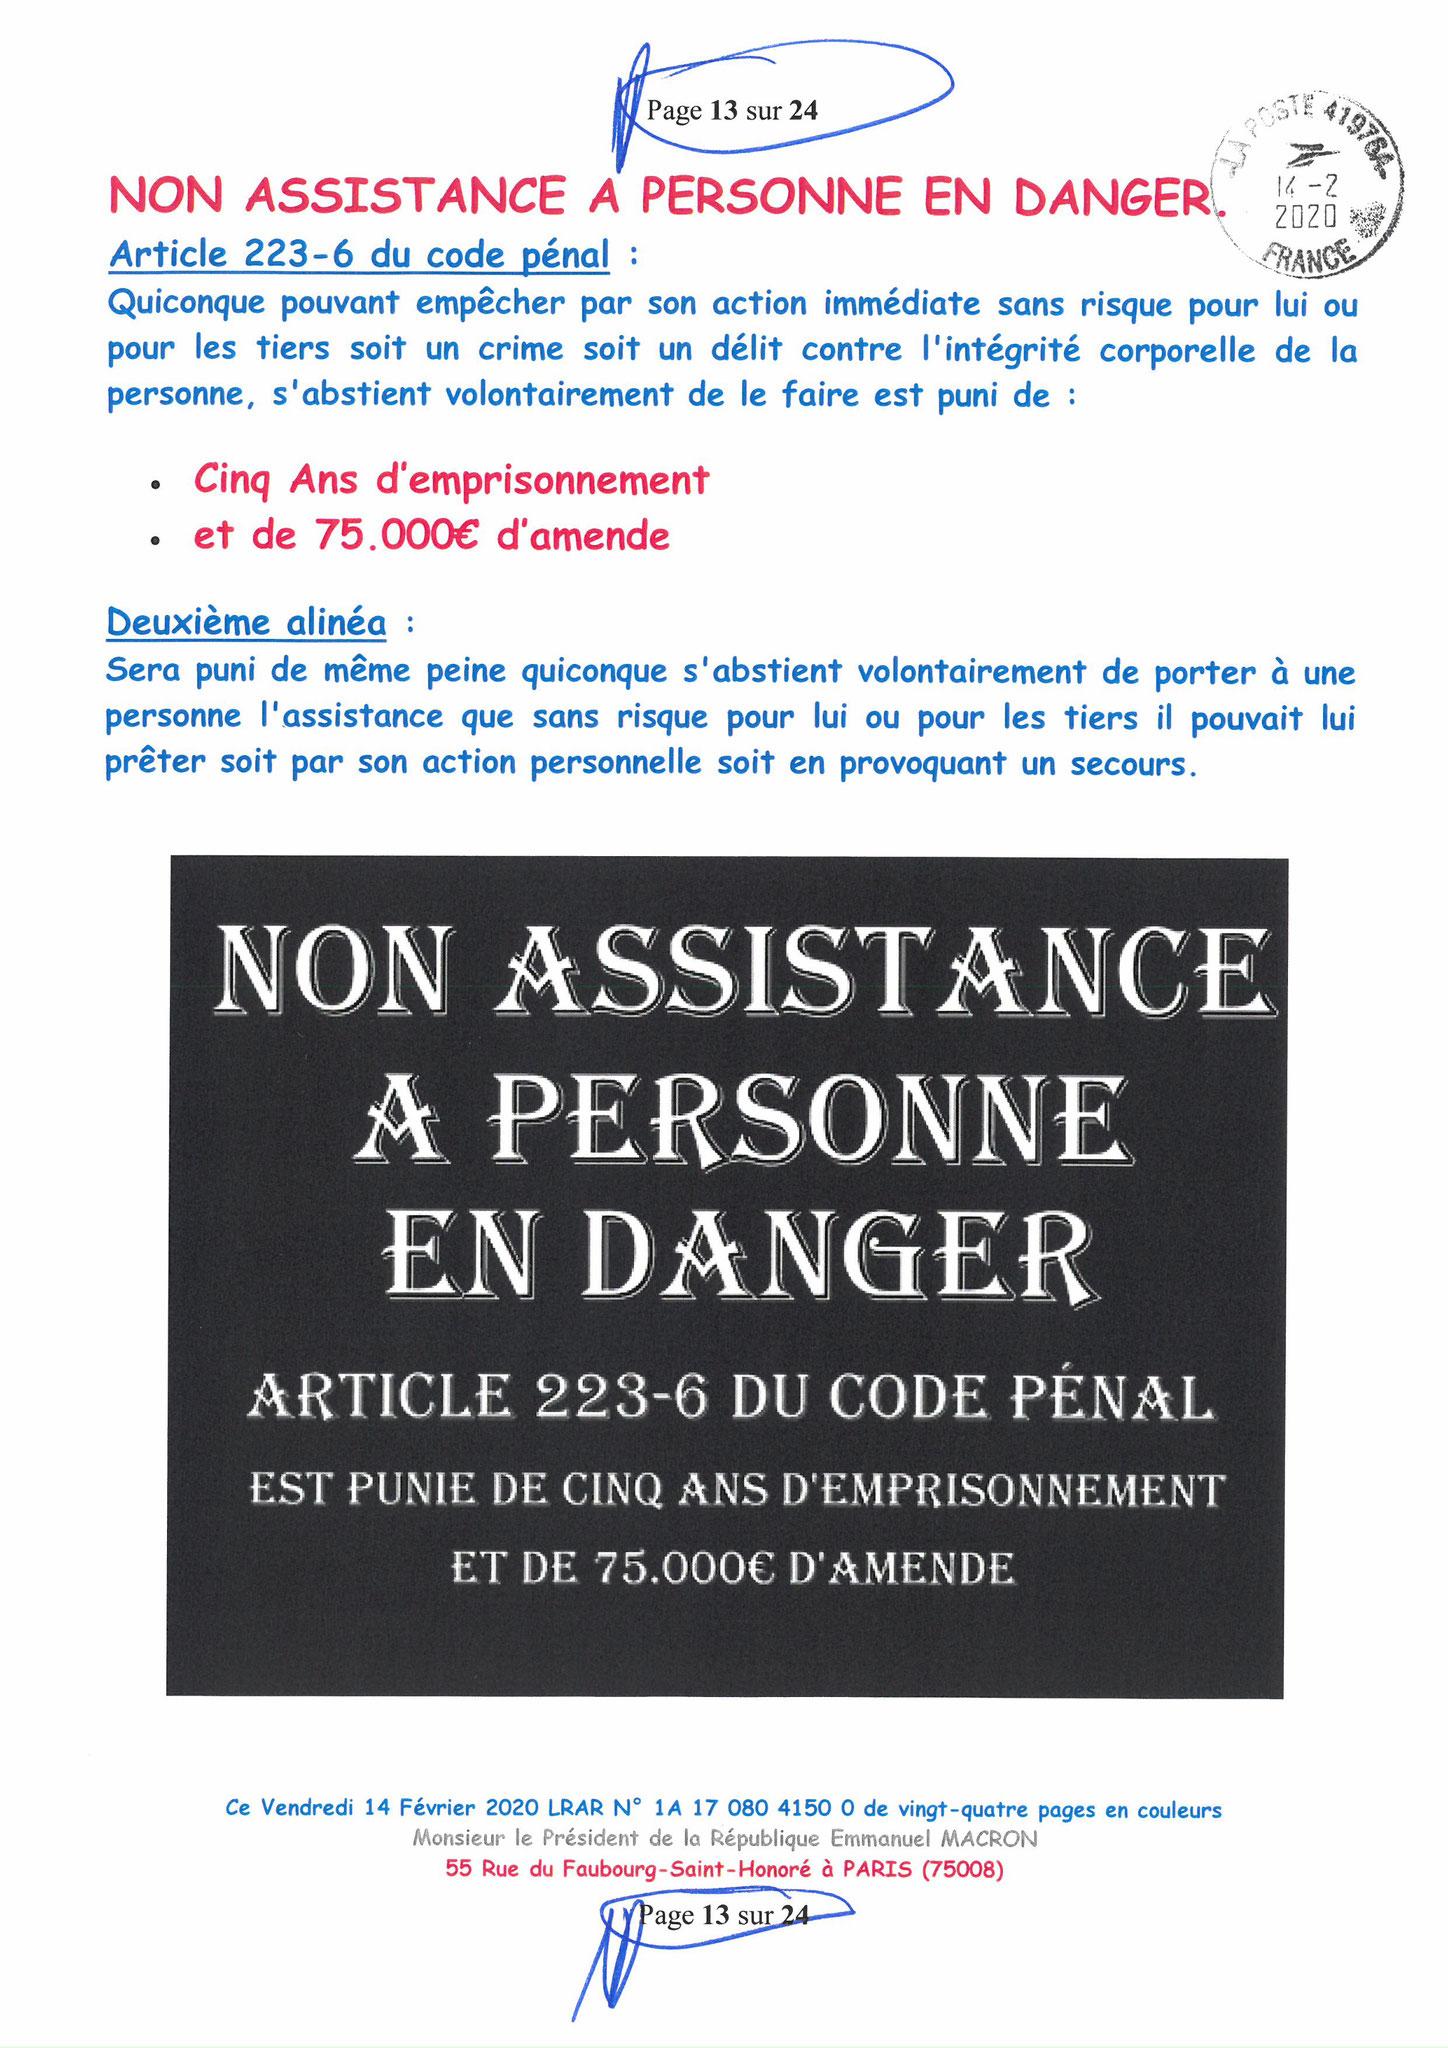 Ma lettre recommandée du 14 Février 2020 N° 1A 178 082 4150 0  page 13 sur 24 en couleur que j'ai adressé à Monsieur Emmanuel MACRON le Président de la République www.jesuispatrick.fr www.jesuisvictime.fr www.alerte-rouge-france.fr